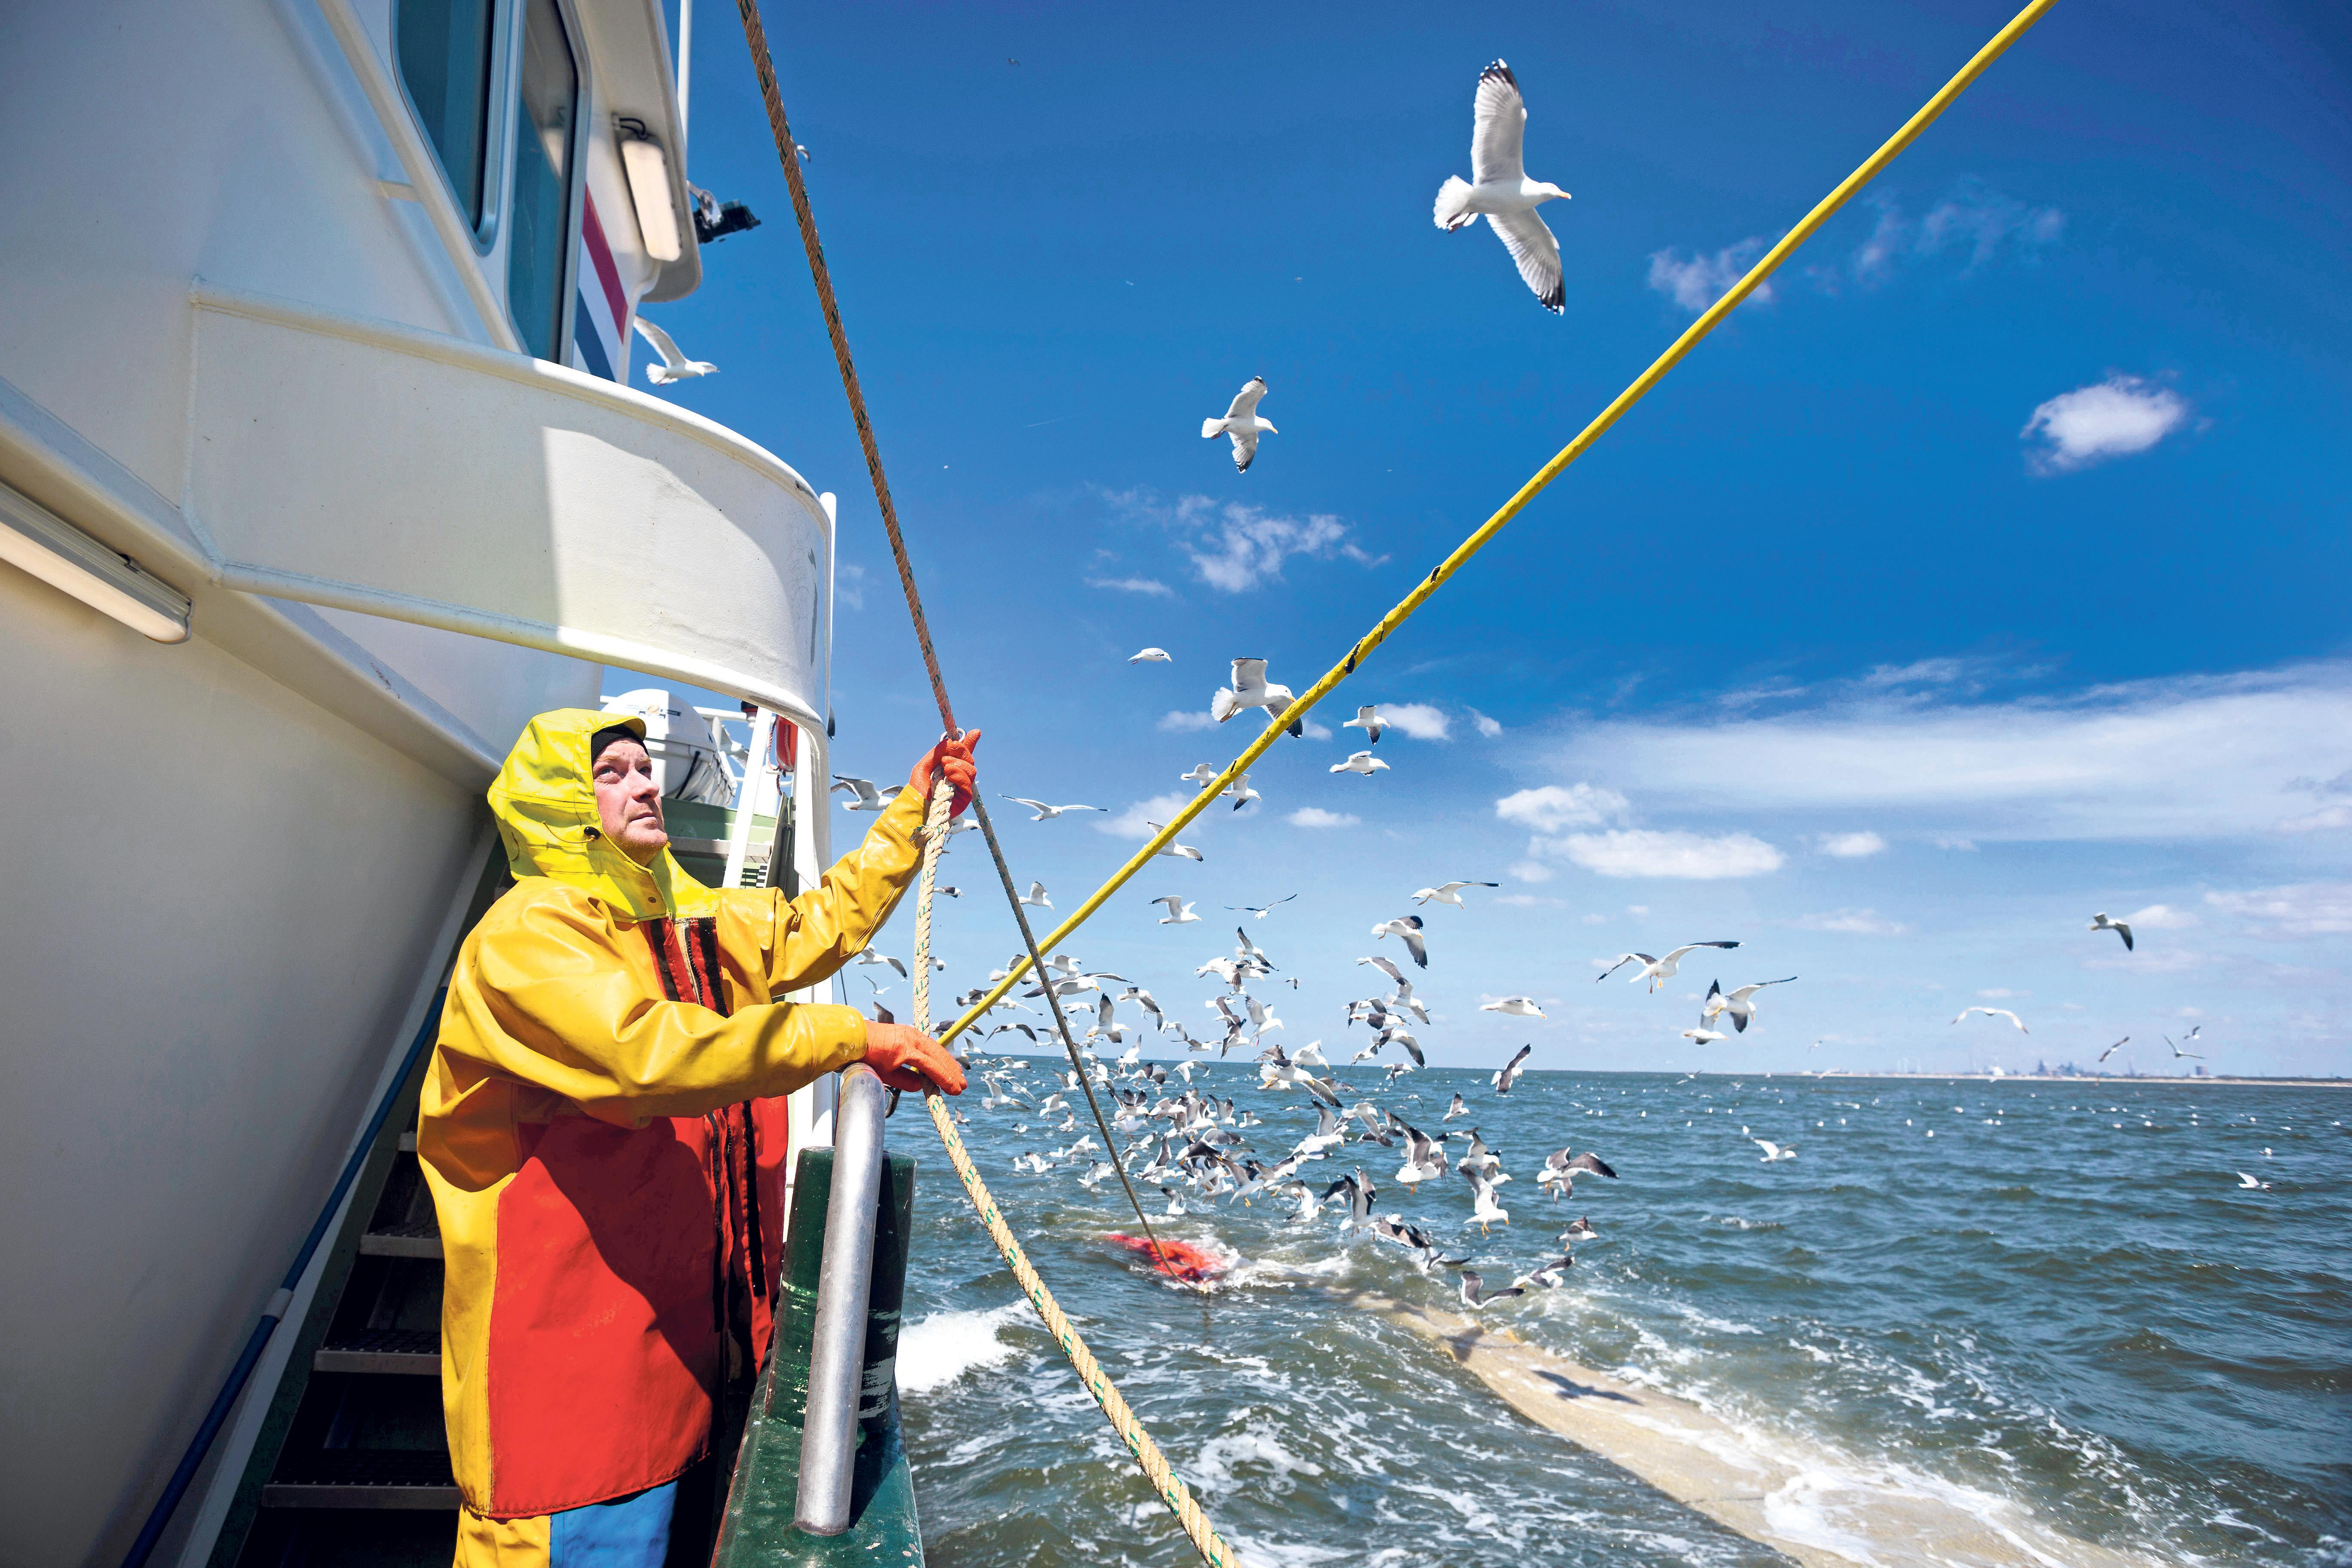 Uiteindelijk hebben de garnalenvissers gelijk gekregen. Niet zij hadden het fout, maar de overheid en de natuurclubs die schande riepen | Gastschrijver Willem den Heijer